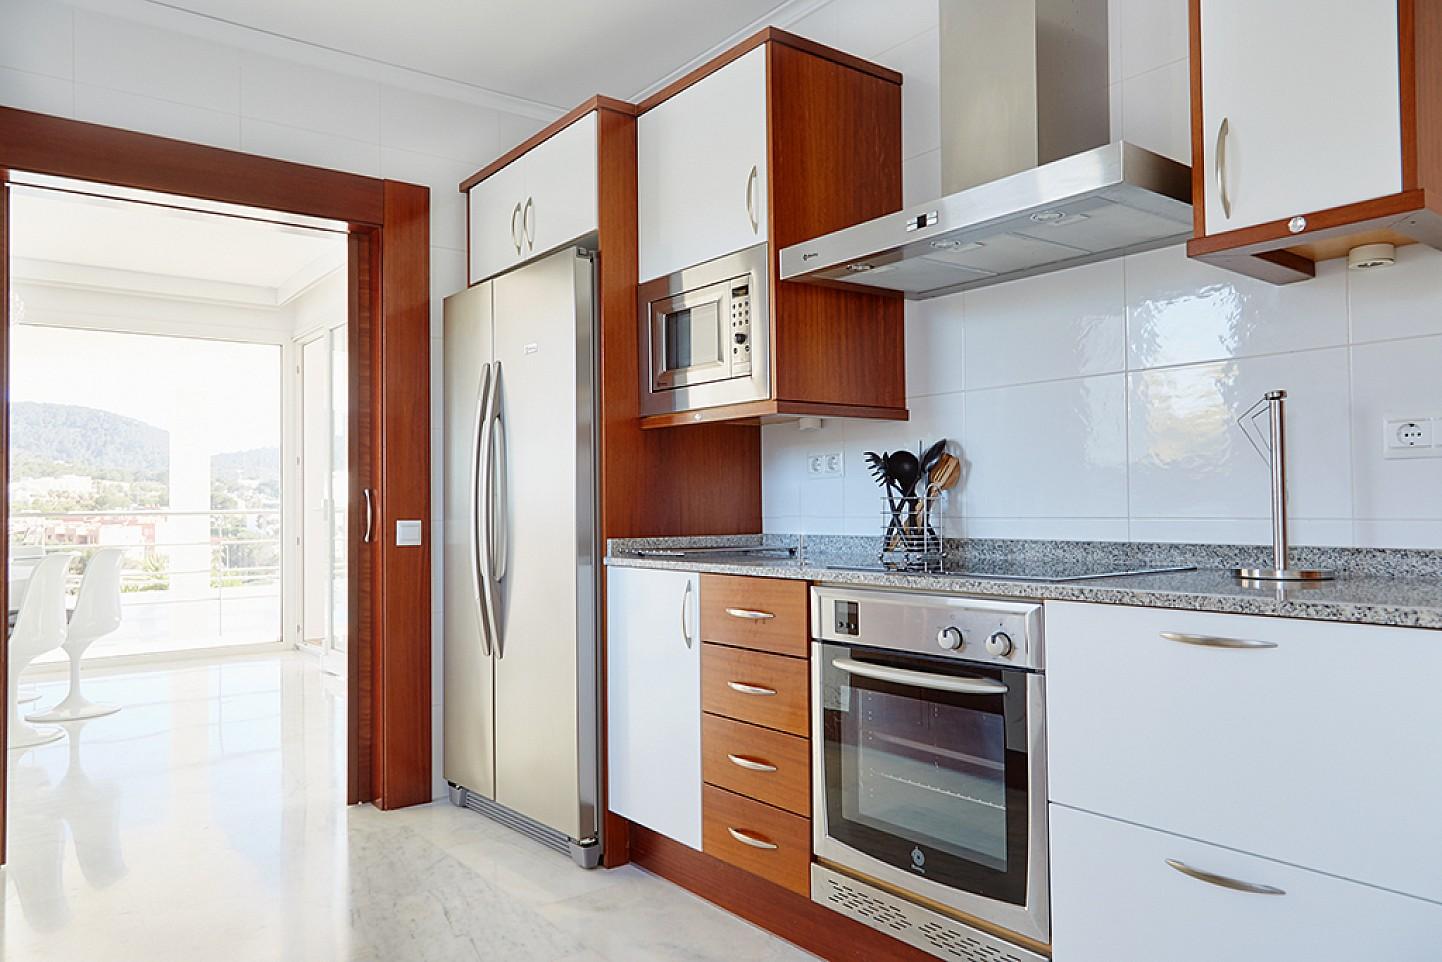 Уютная кухня виллы в аренду на Ибице